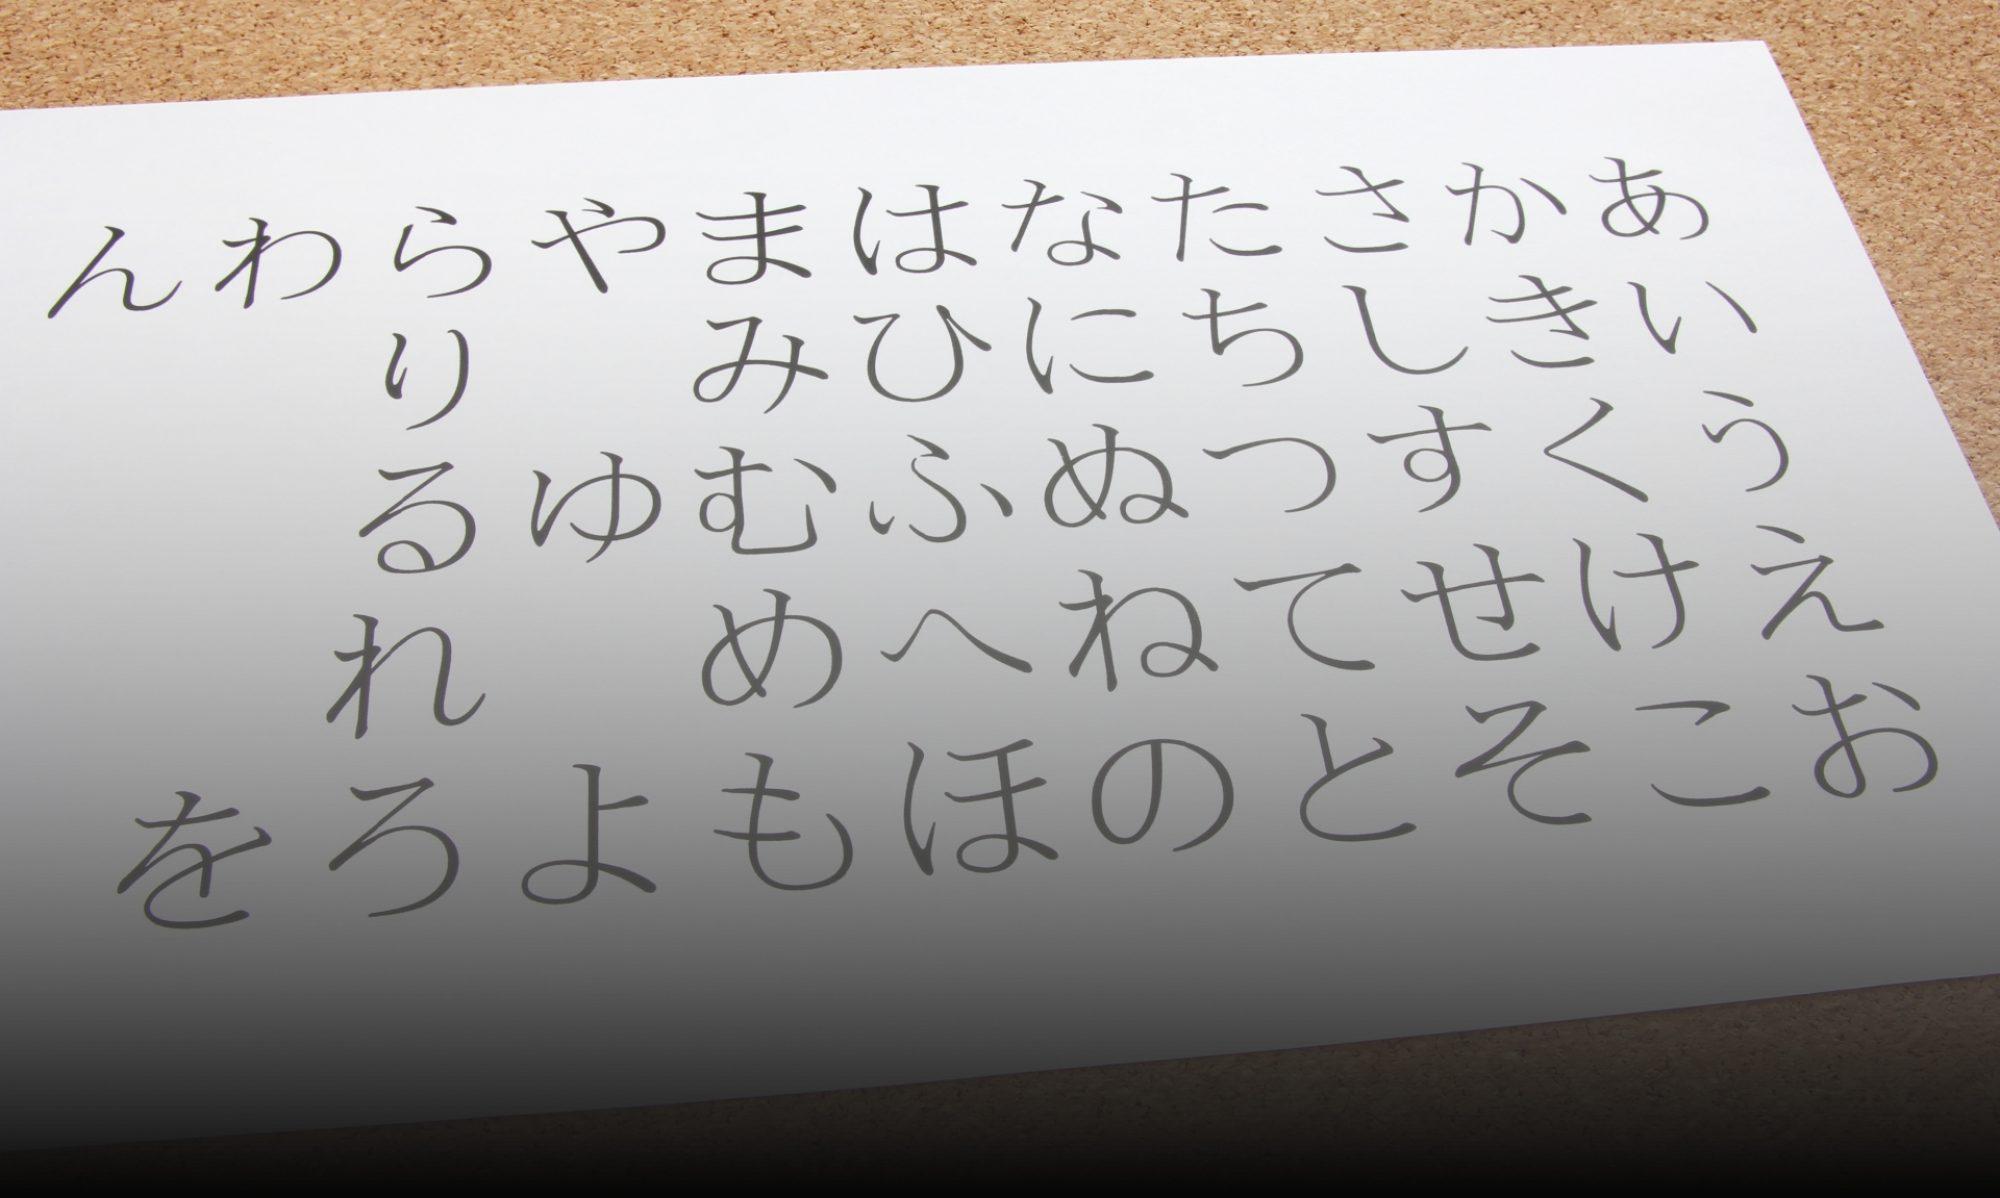 日本語添削君